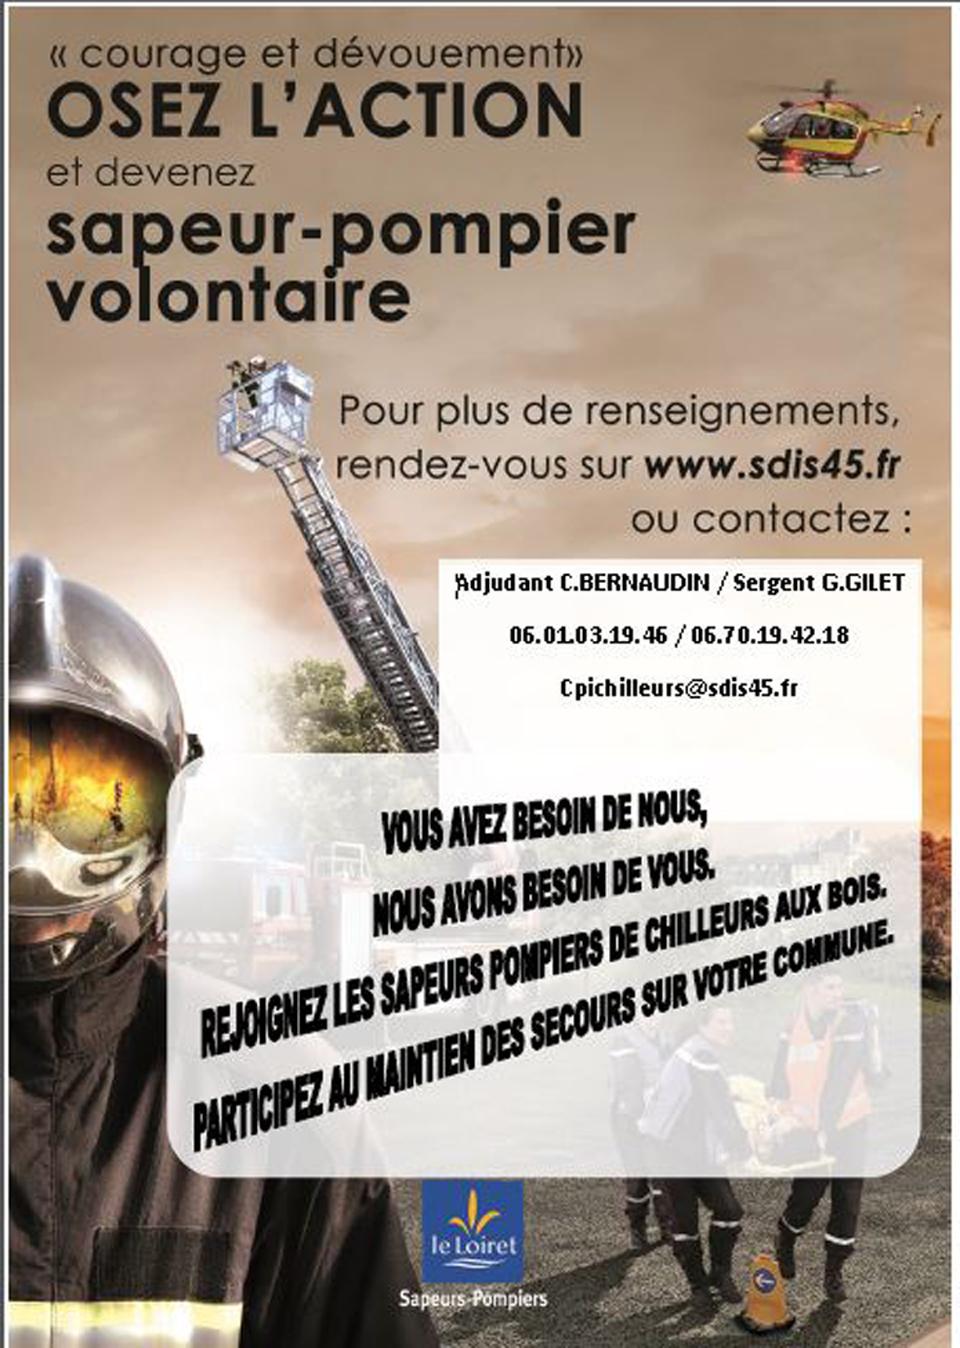 recrutement-sapeur-pompier-volontaire-2